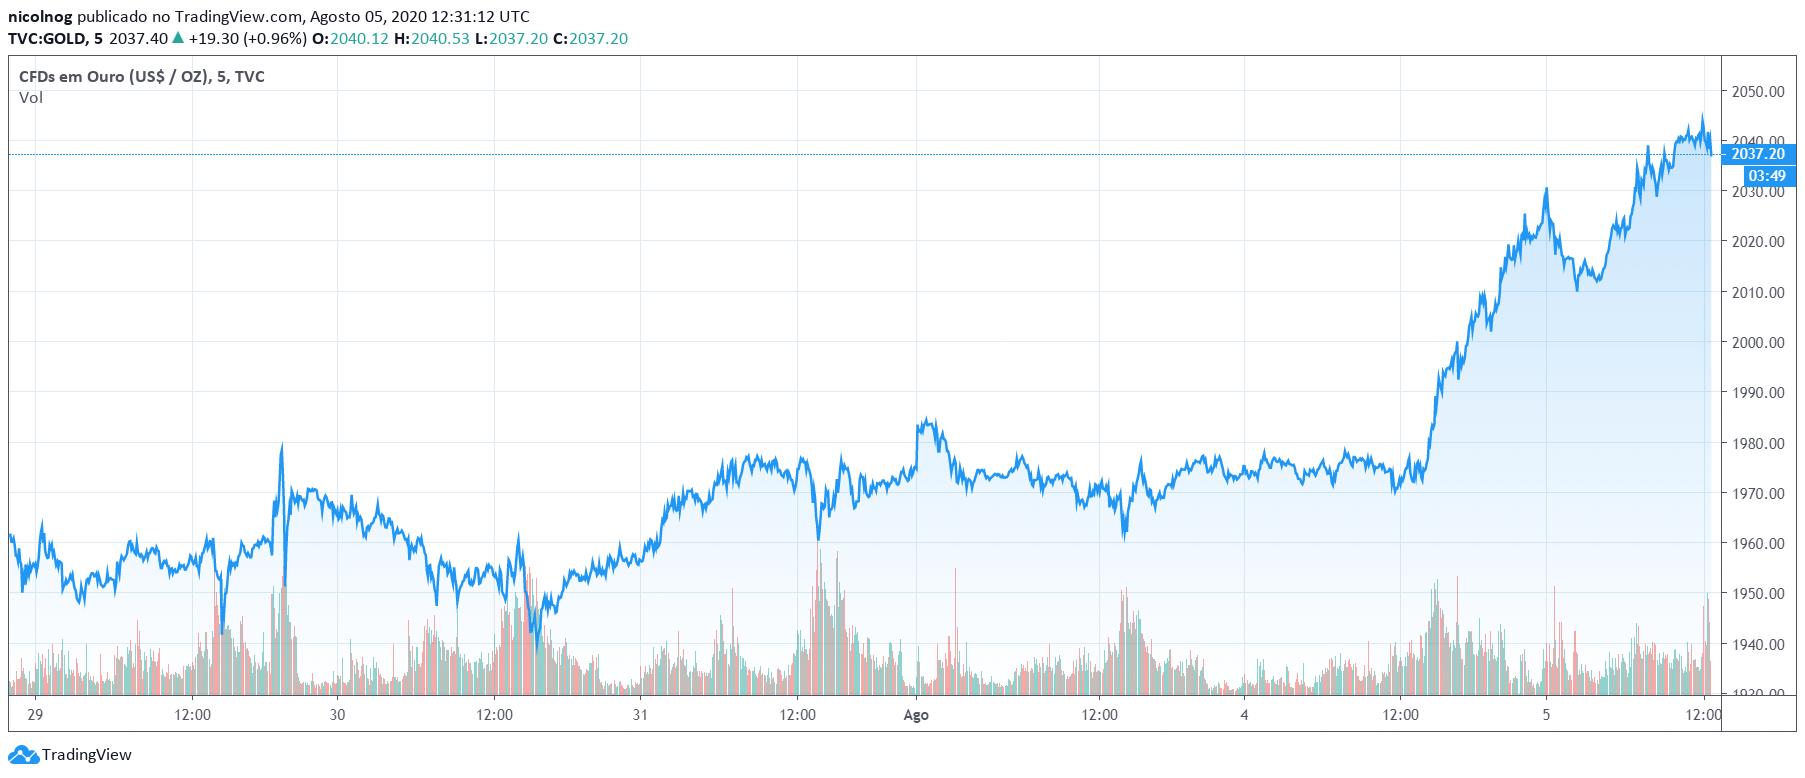 Ouro vs. dólar nos últimos 5 dias